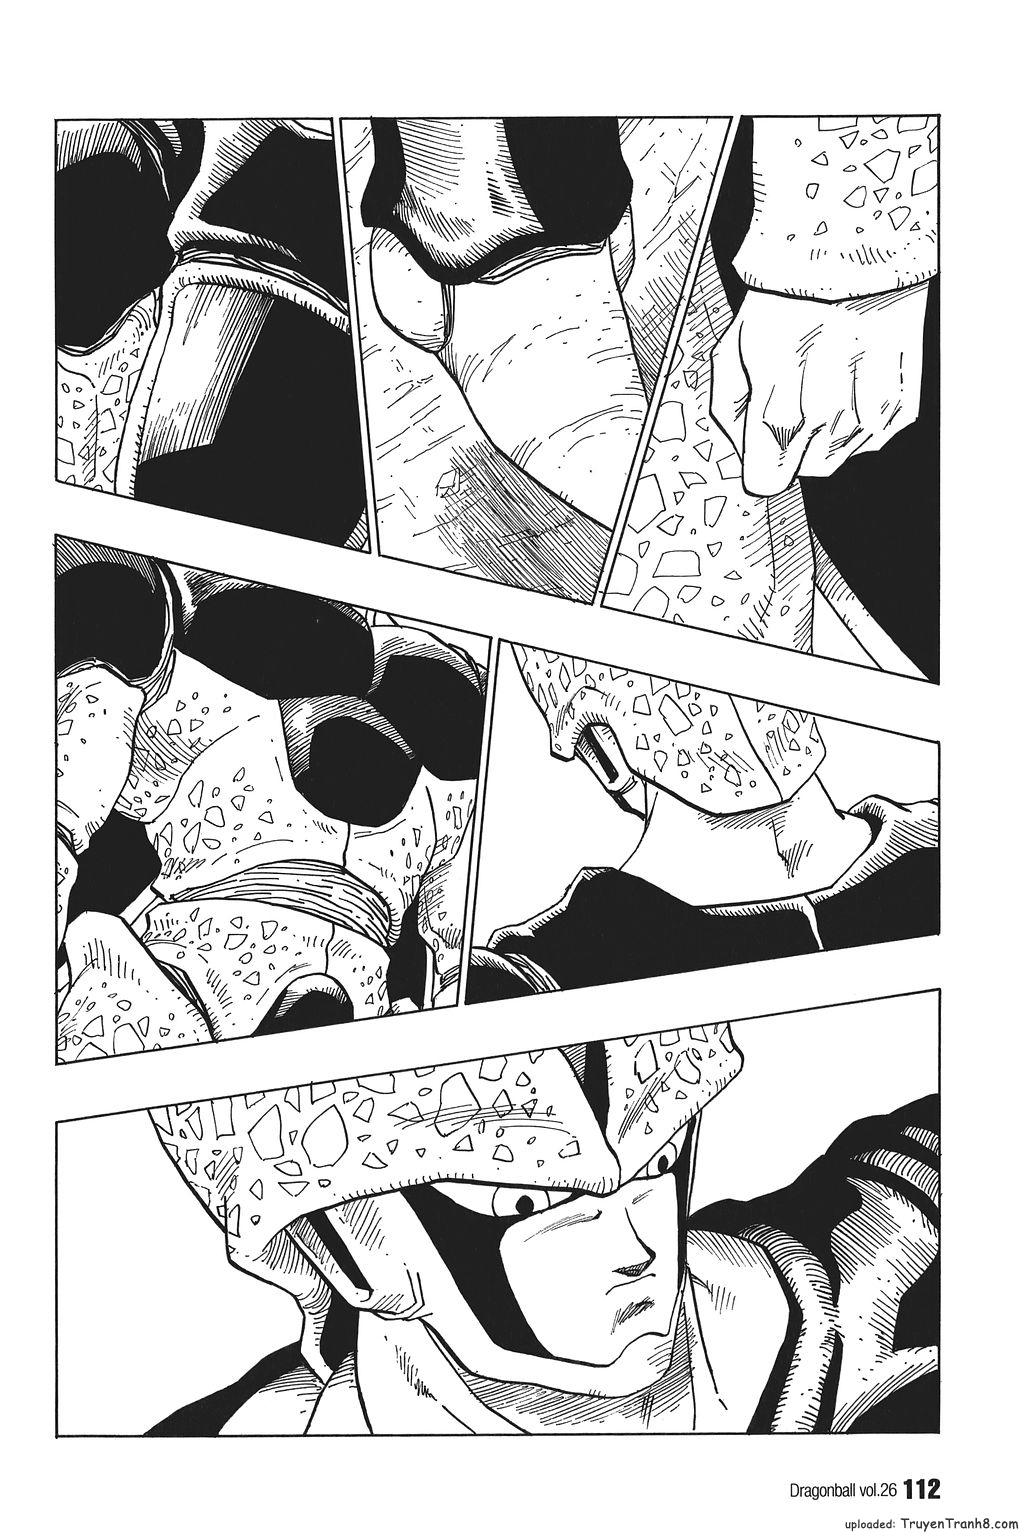 xem truyen moi - Dragon Ball Bản Vip - Bản Đẹp Nguyên Gốc Chap 382